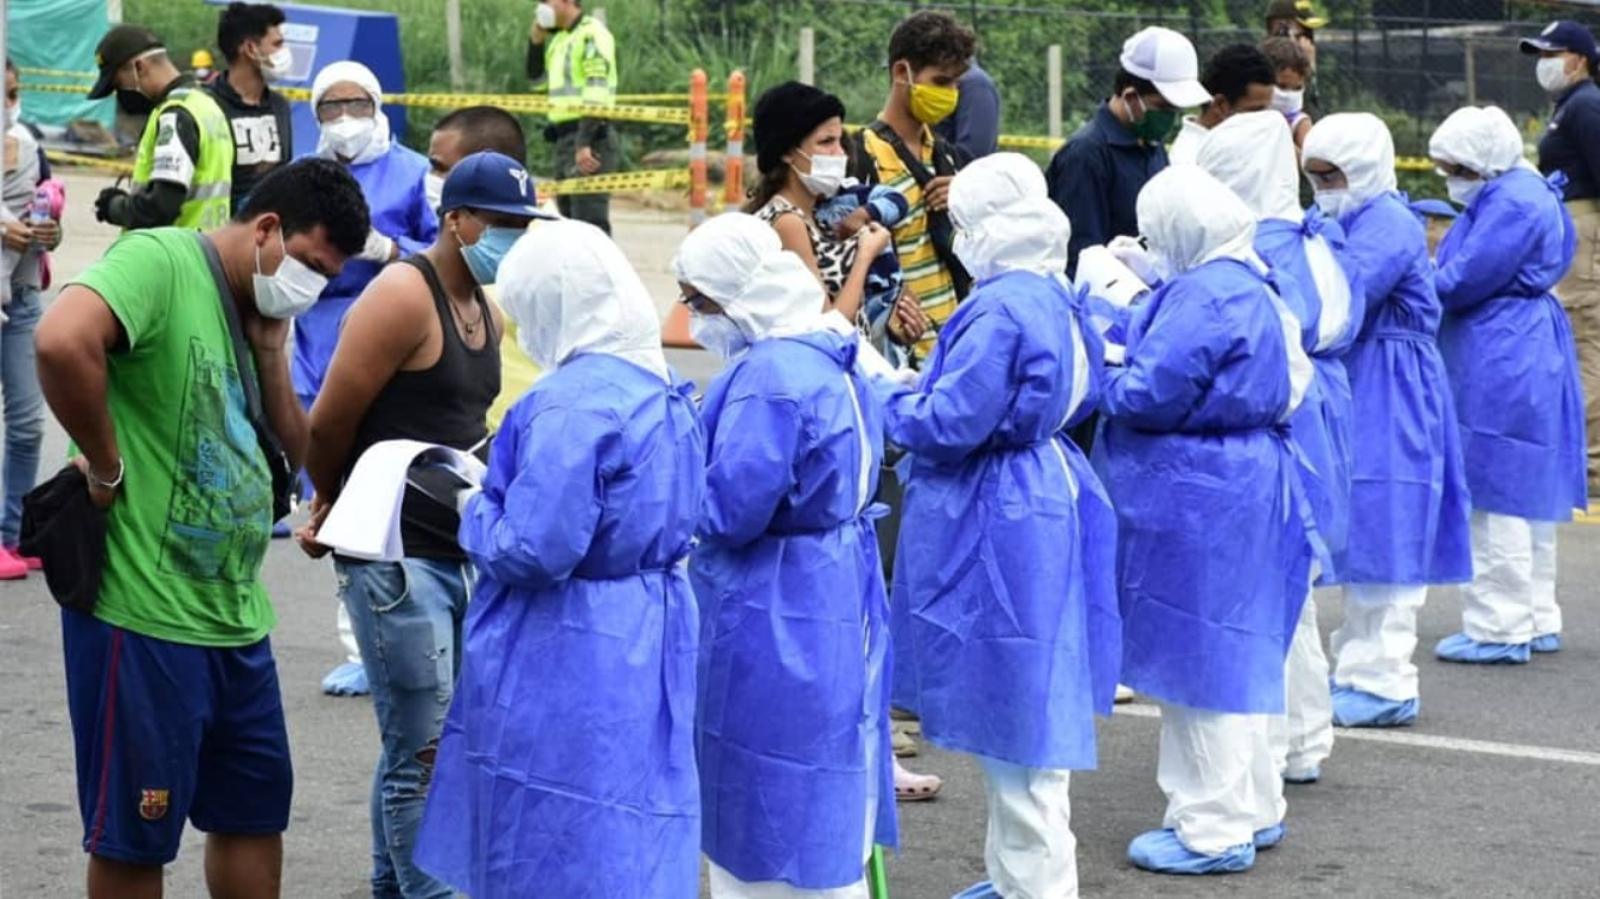 Duque pide de nuevo ayuda para vacunar a migrantes irregulares